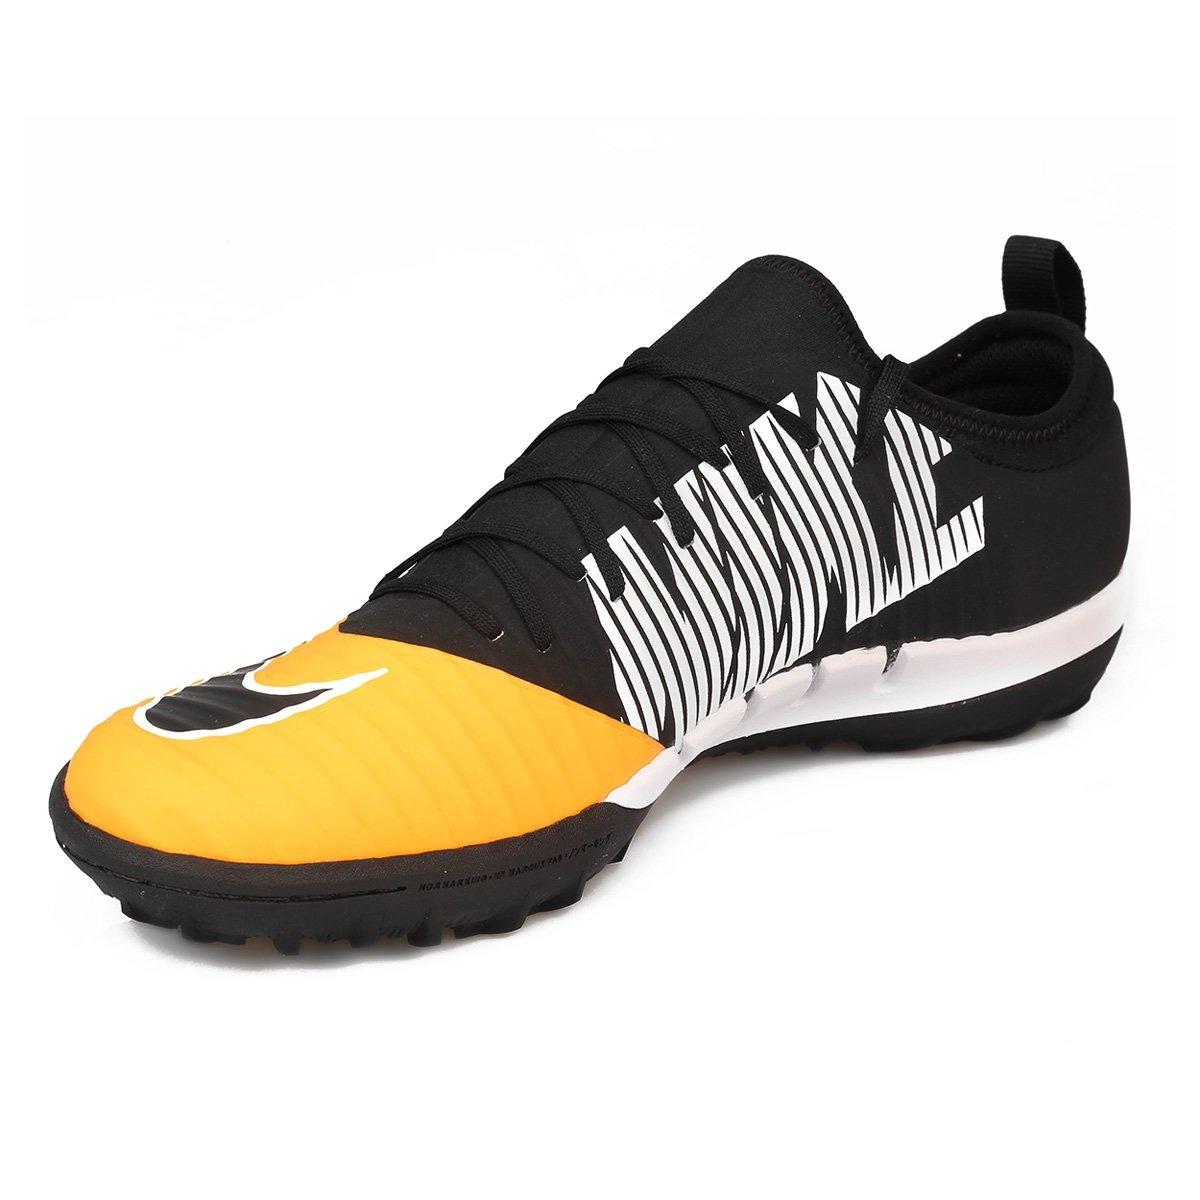 8631f5a36e1e3 Nike Botas De Futbol 2016 Nike CTR360 Libretto TF Botas De Futbol Amarillo  Negro